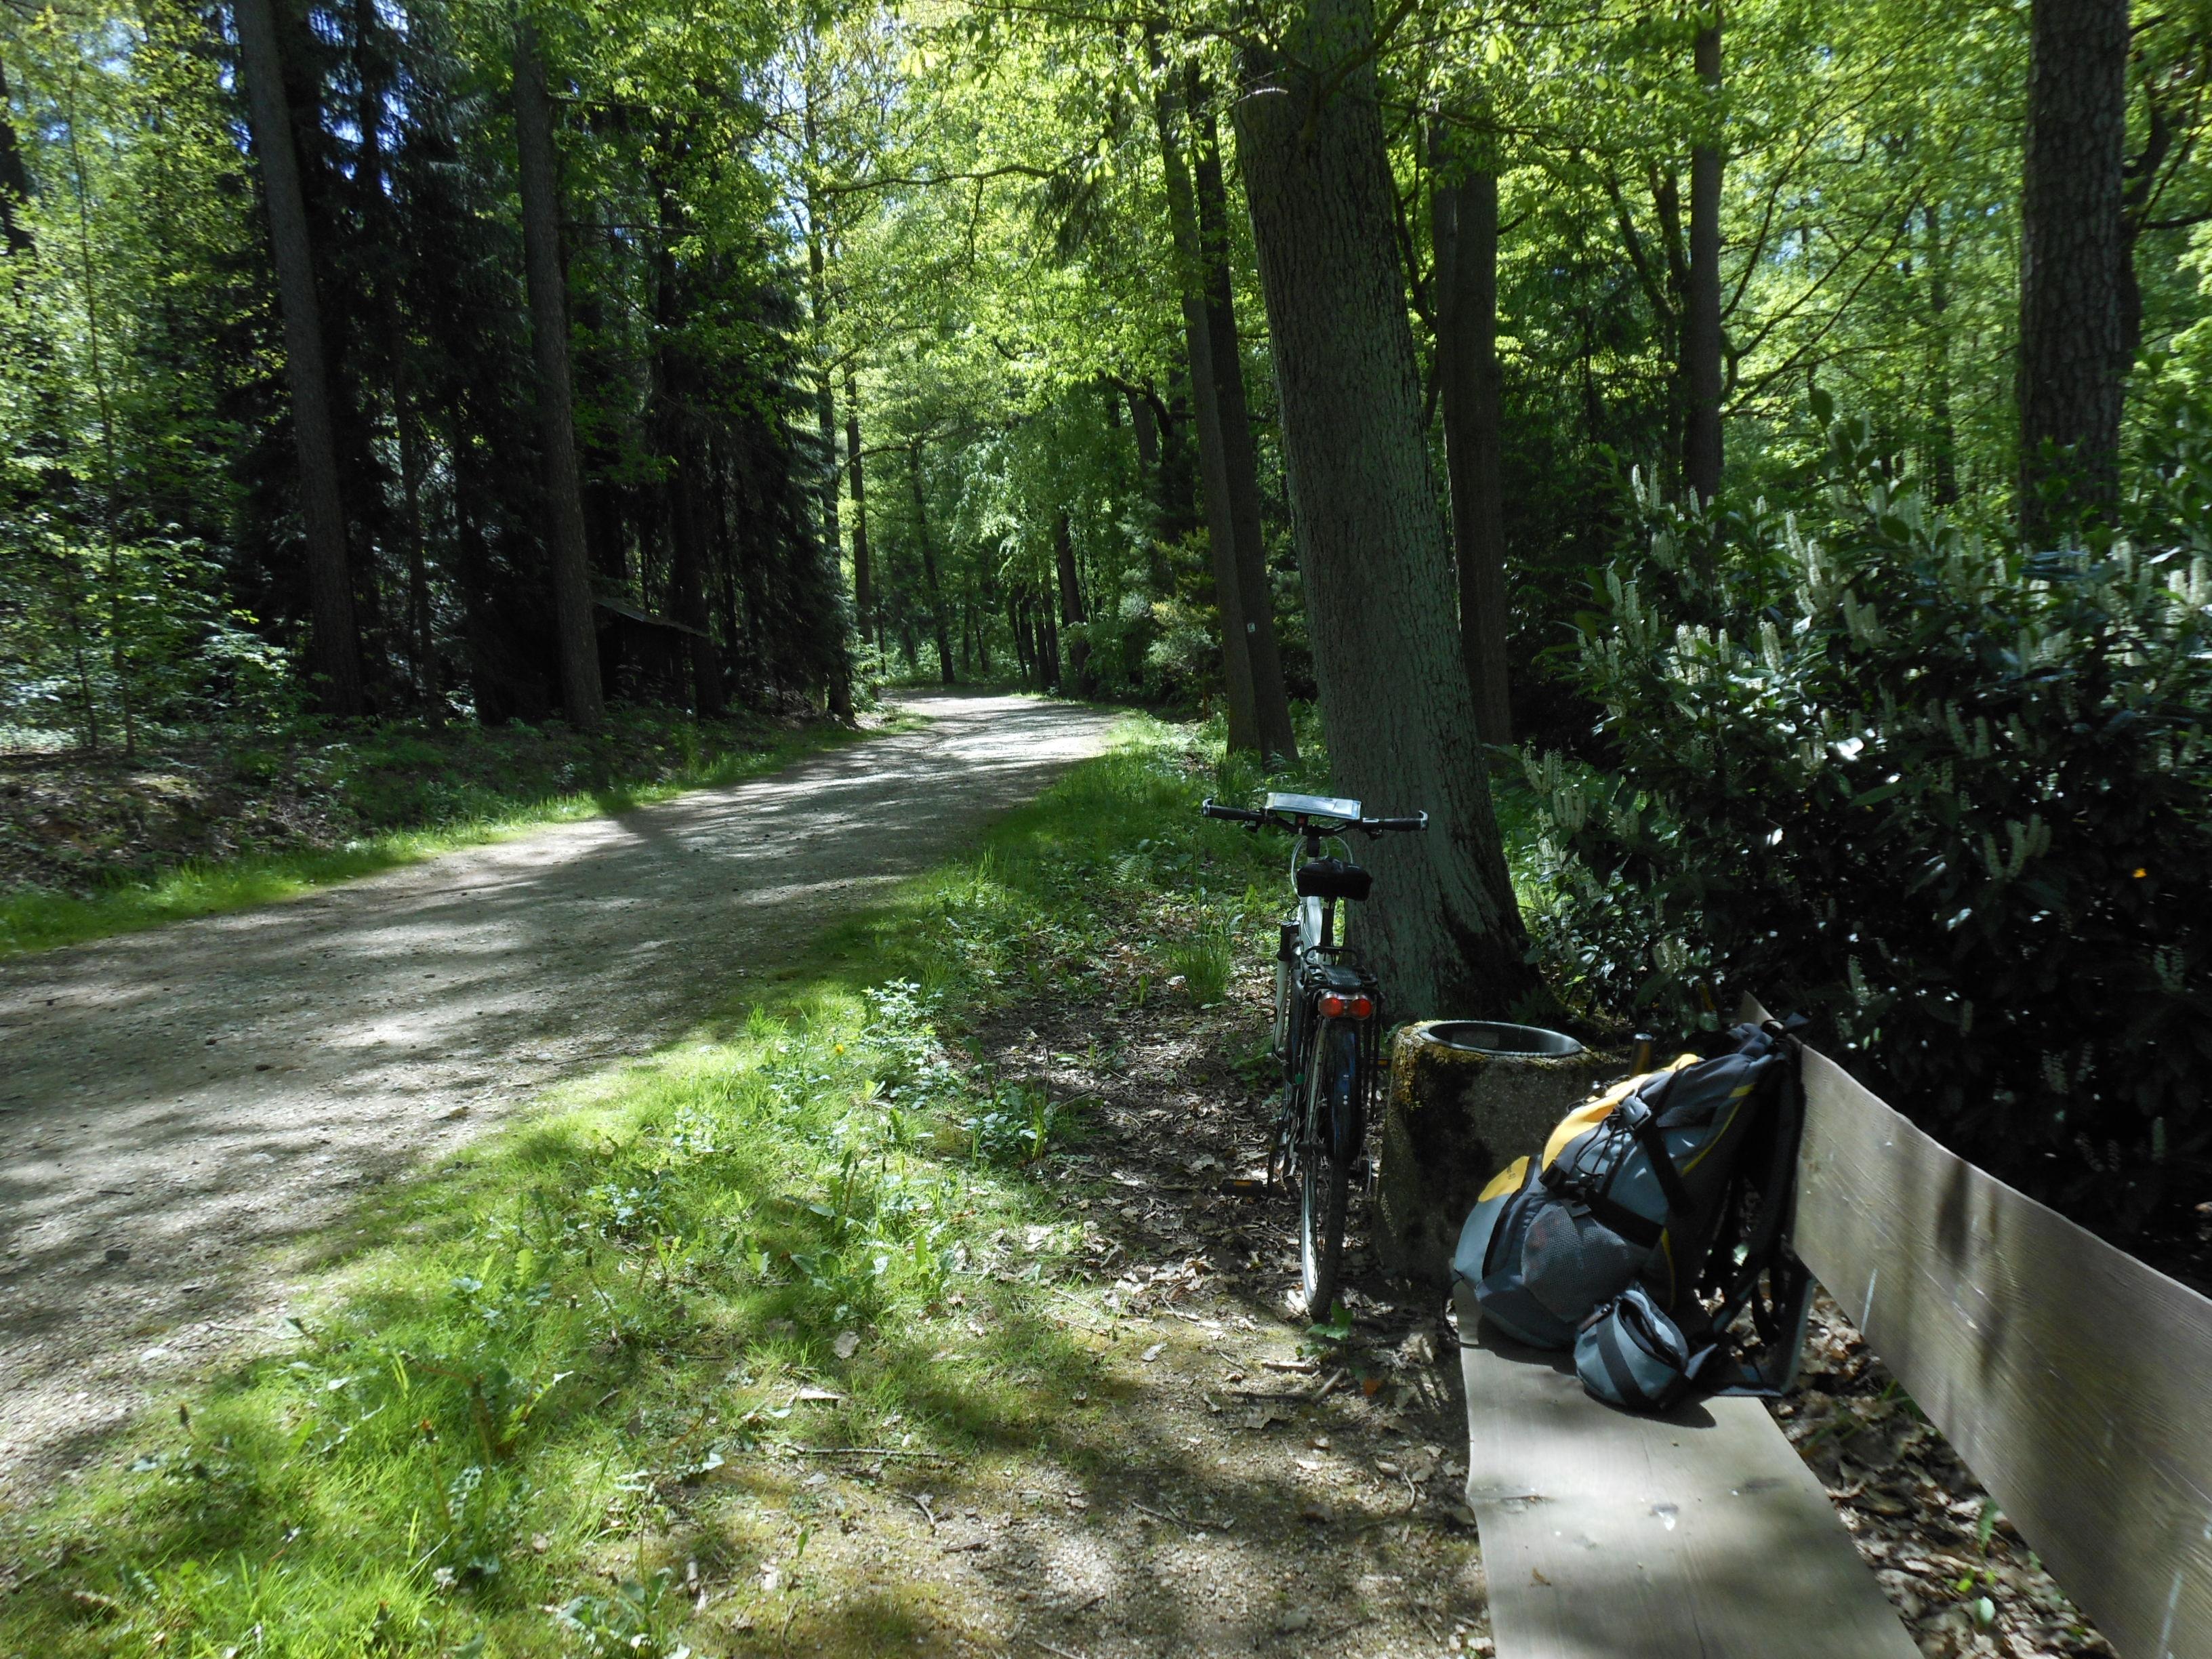 Weissenborner Wald